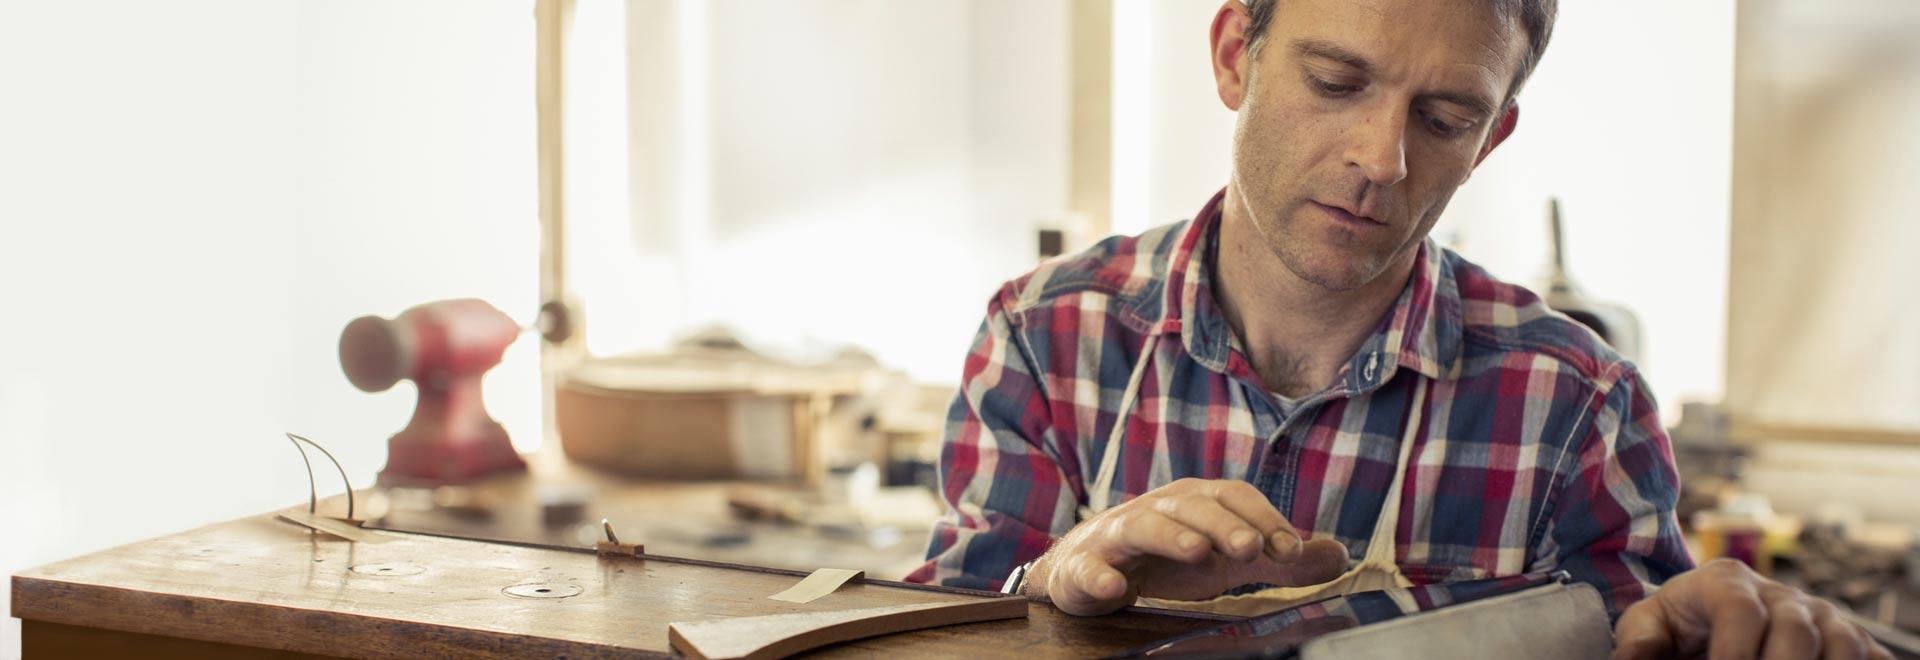 En mand på et værksted, der bruger Office 365 Business på en tablet